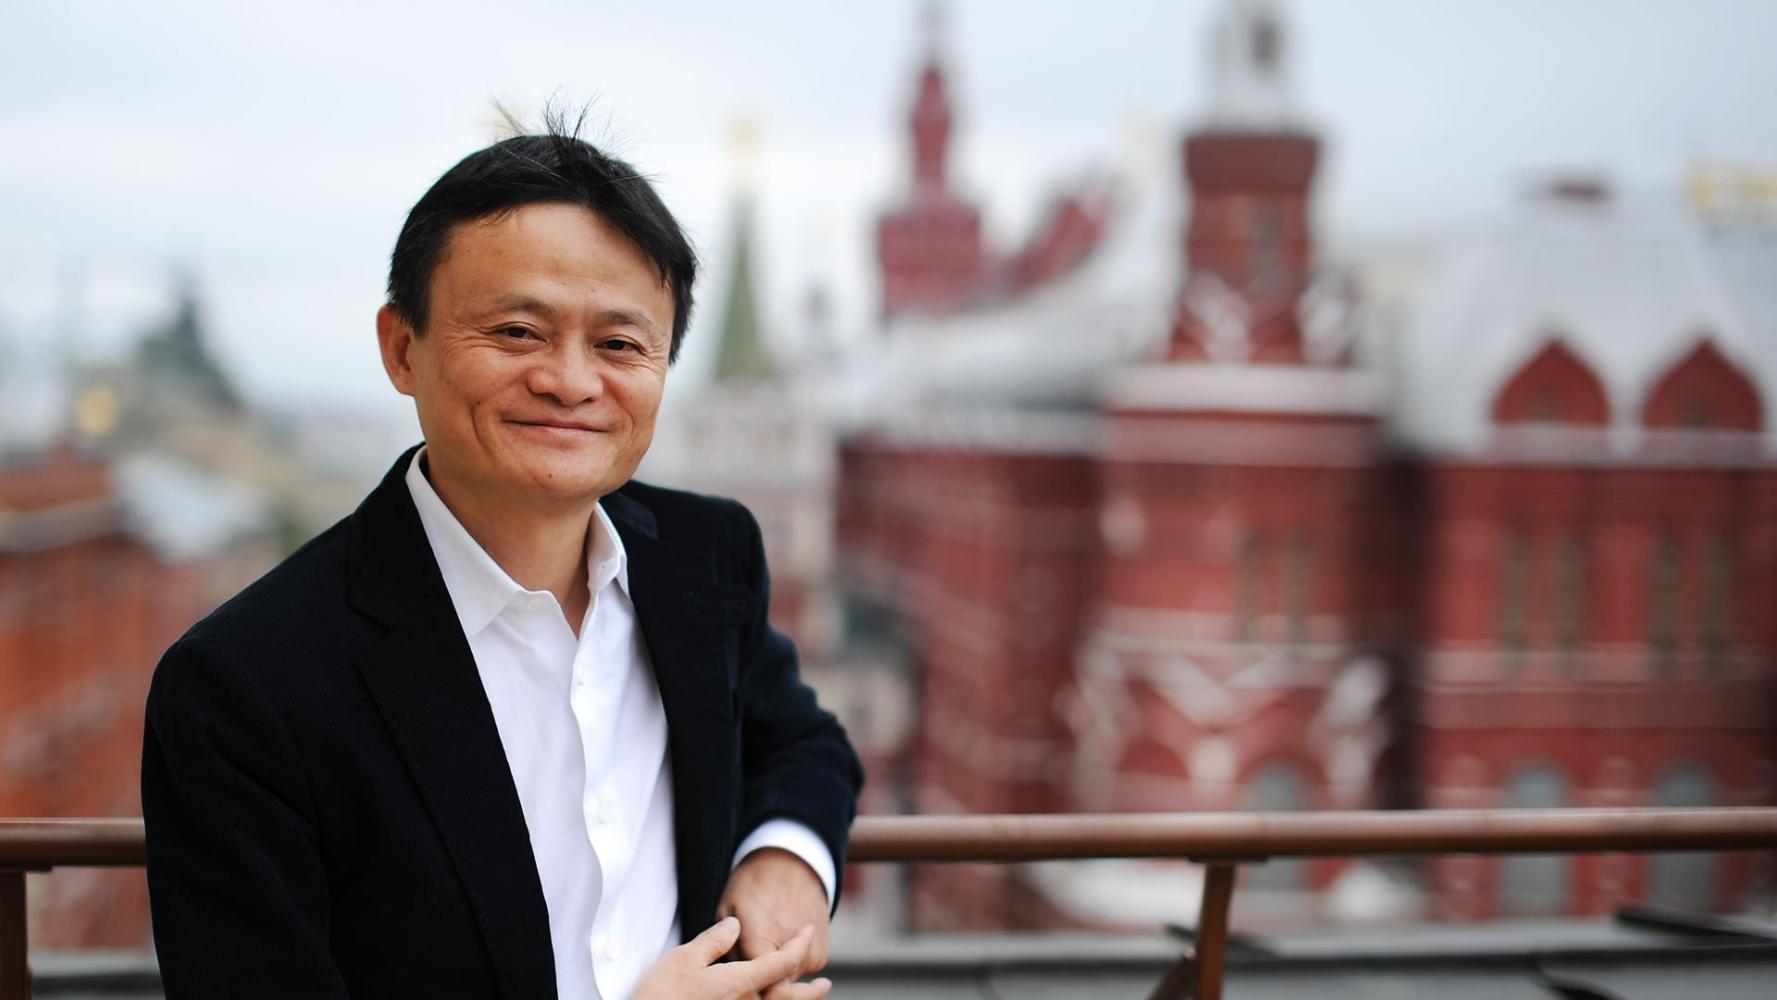 马云问鼎首富背后:腾讯市值缩水万亿,房地产与游戏神话不再